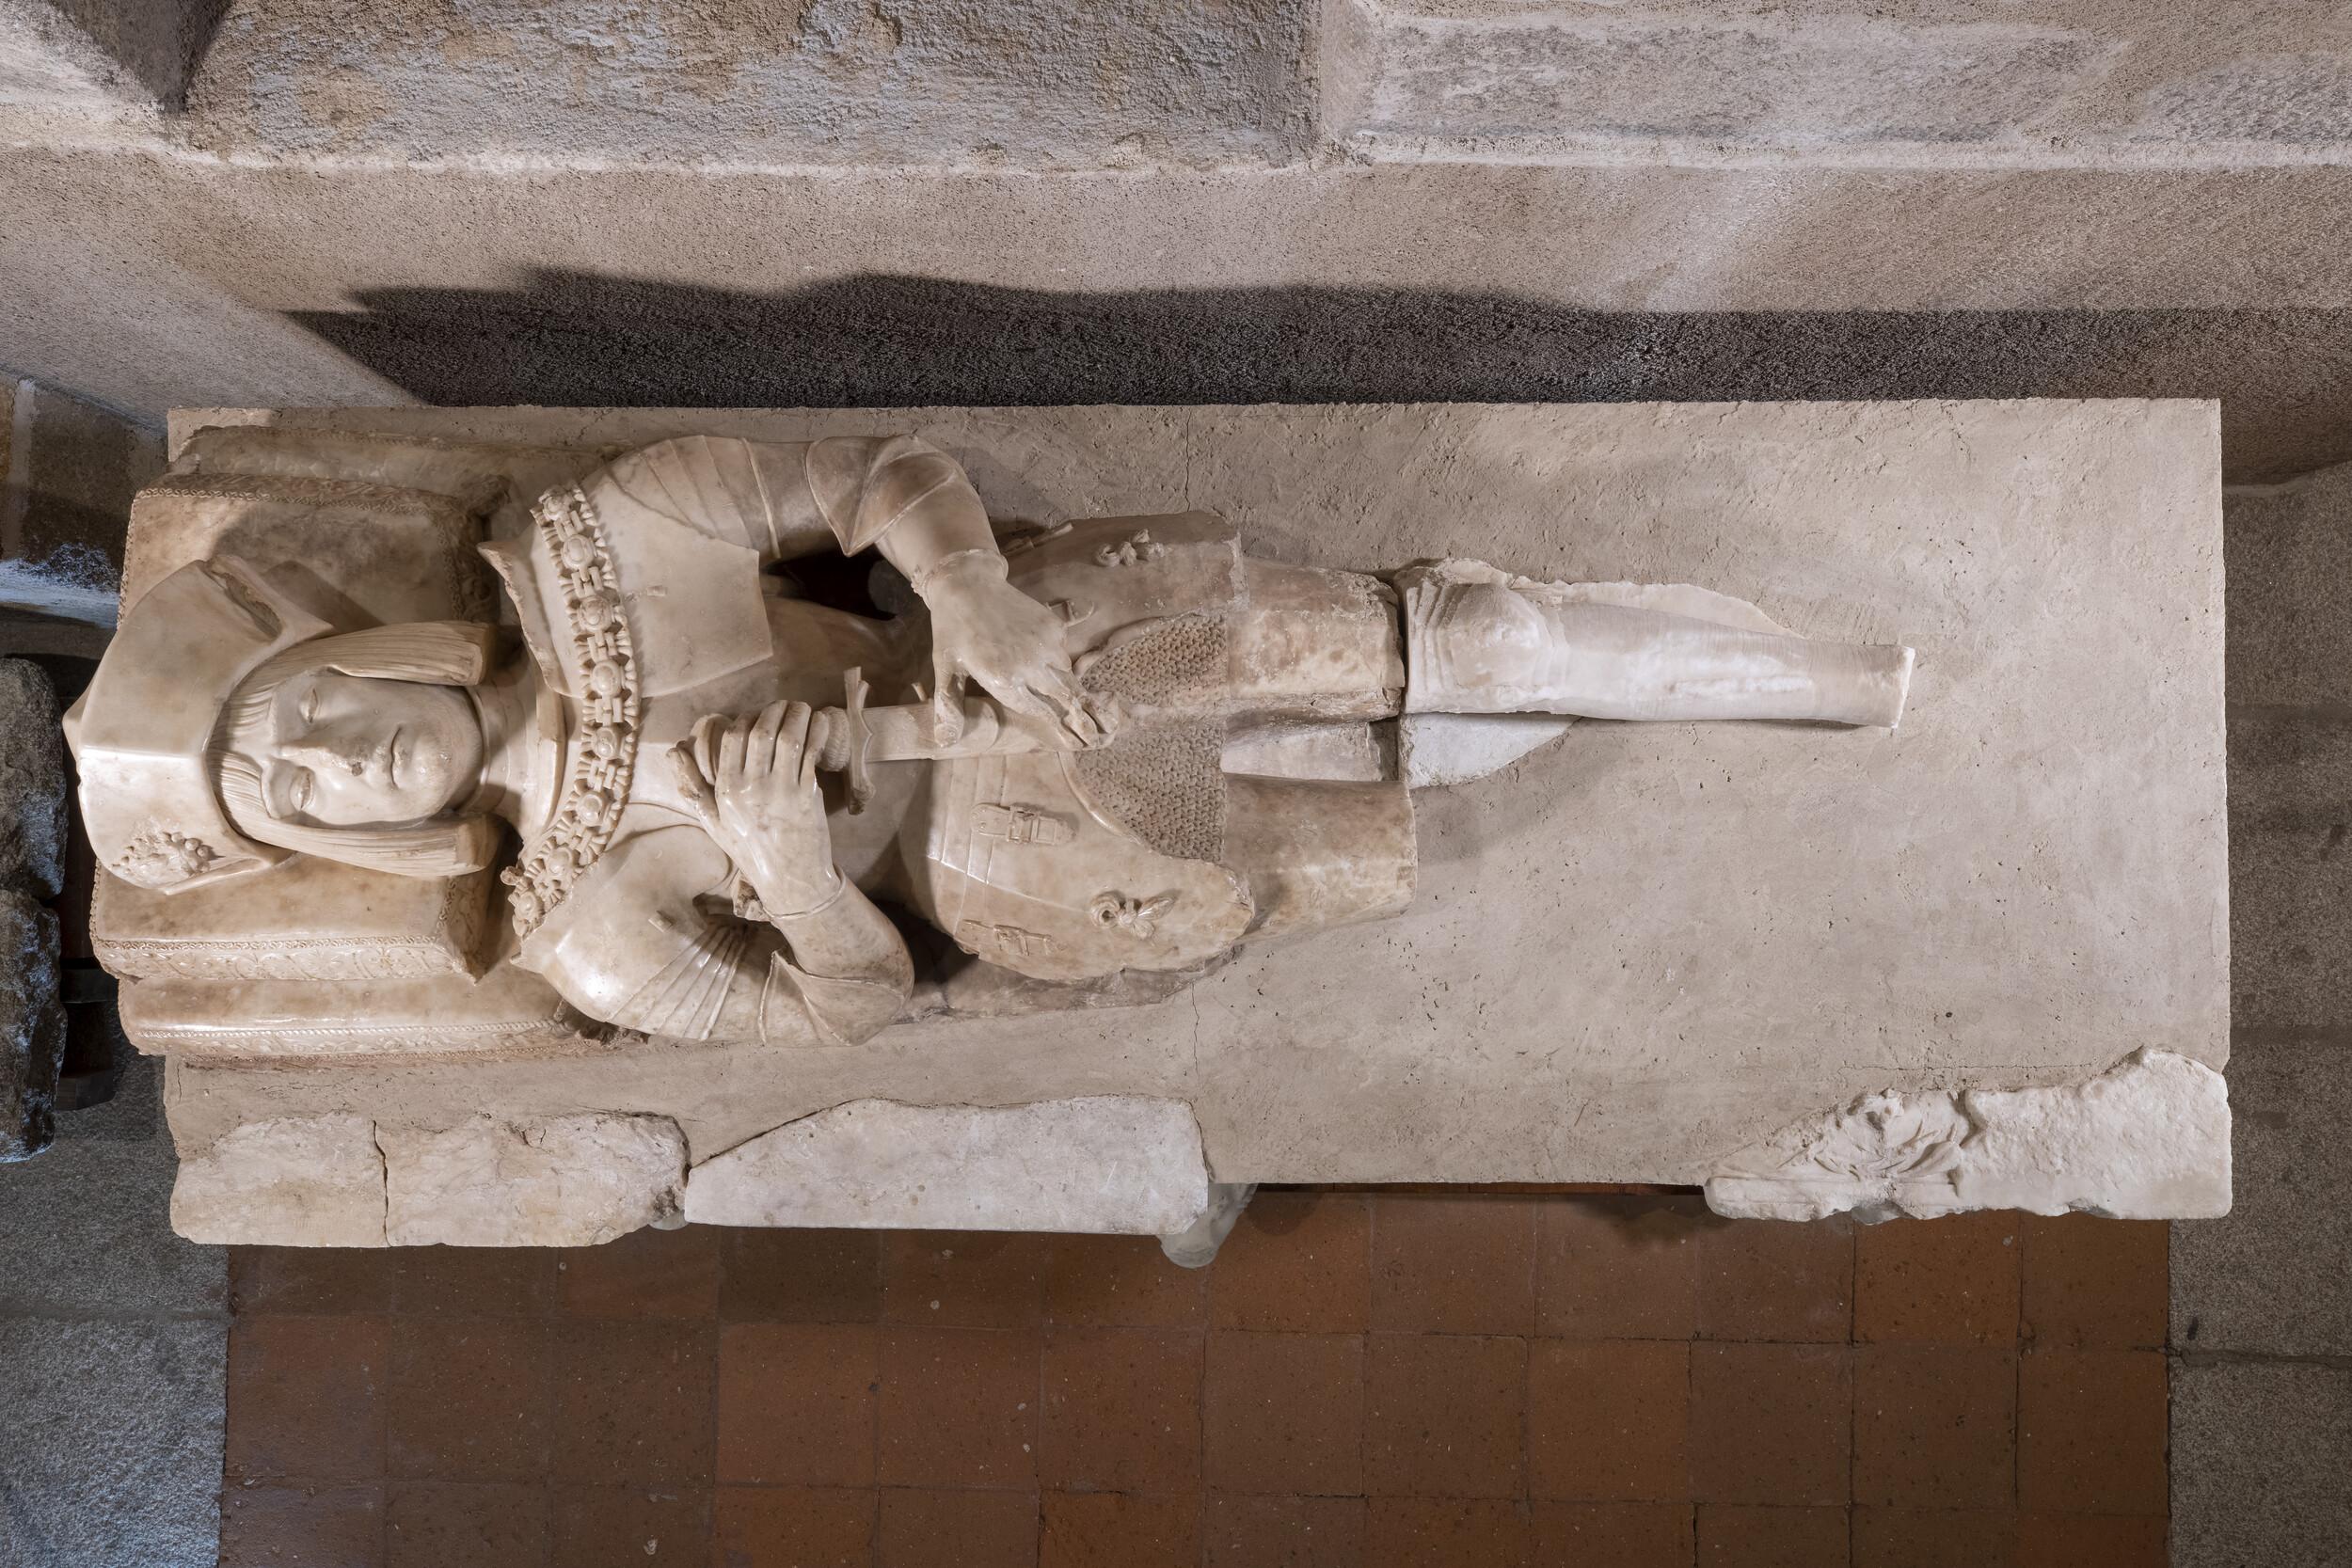 SEPULCRO DE BERNALDINO DE BARRIENTOSSerranos de la Torre (Zapardiel de la Cañada)Renacimiento. Principios del siglo XVIAlabastro / 133 x 207 x 84 cm[97/53/1]. Almacén Visitable de Santo Tomé